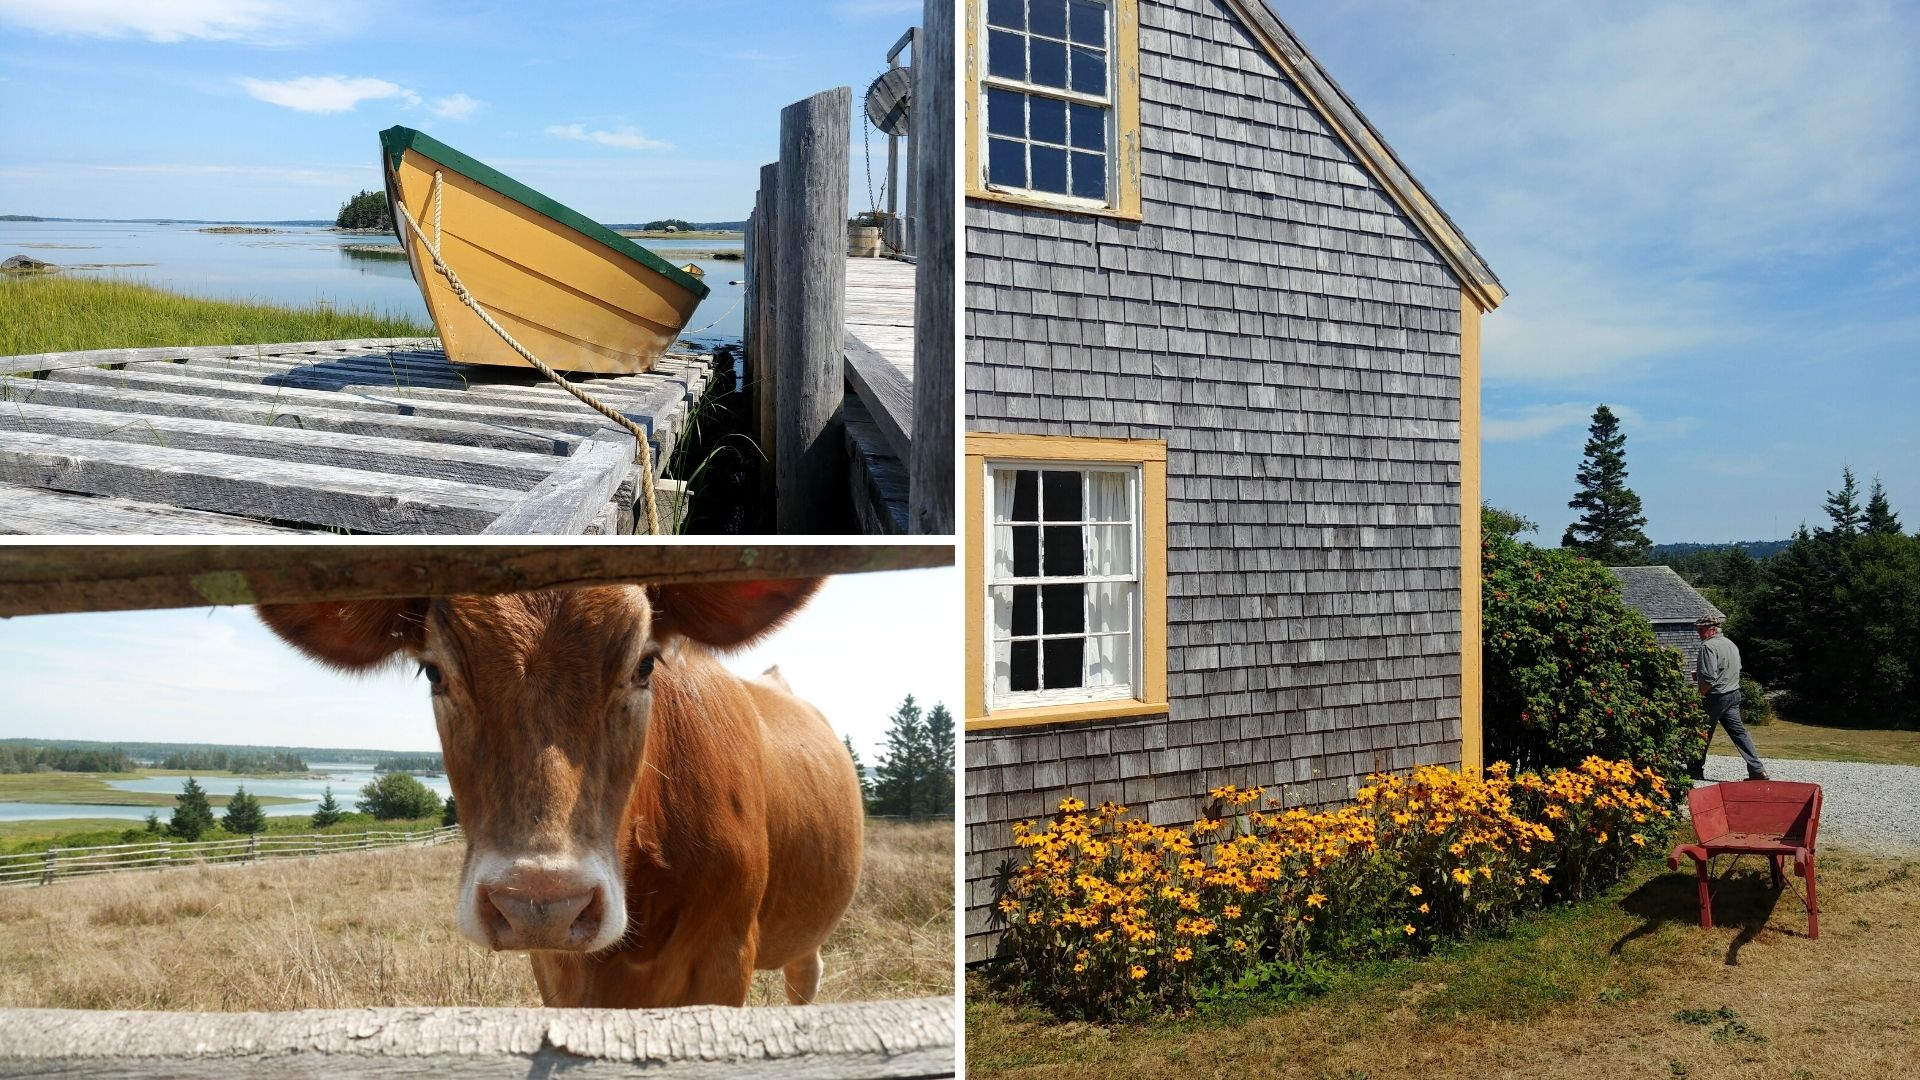 Village historique acadien Nouvelle-Écosse infos pratiques